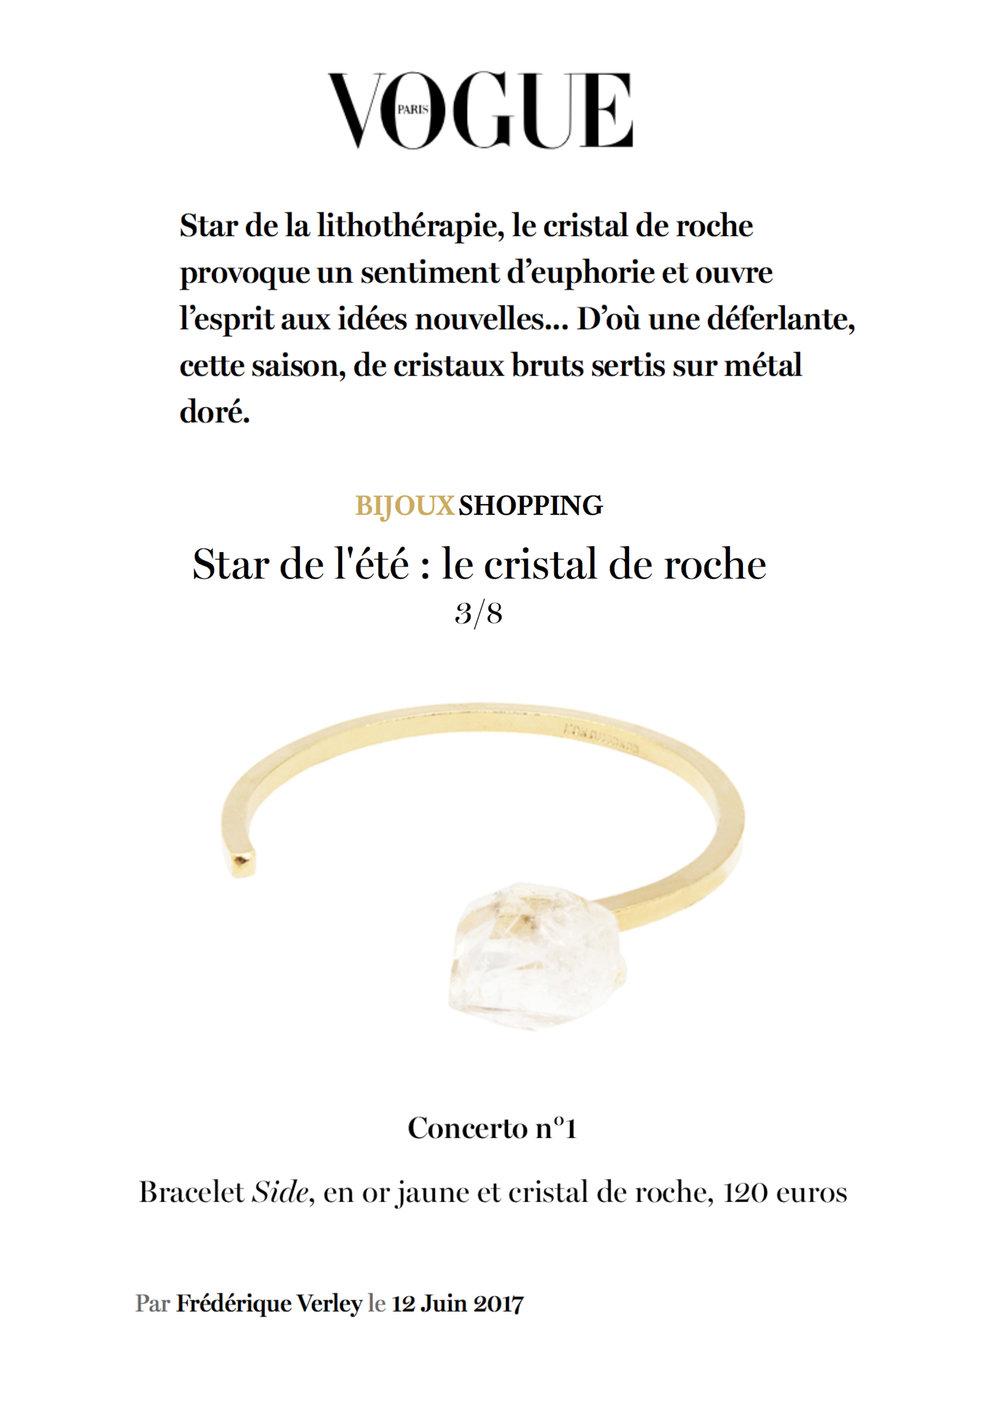 Vogue.fr - 12 juin 2017 - Concerto N°1.jpg